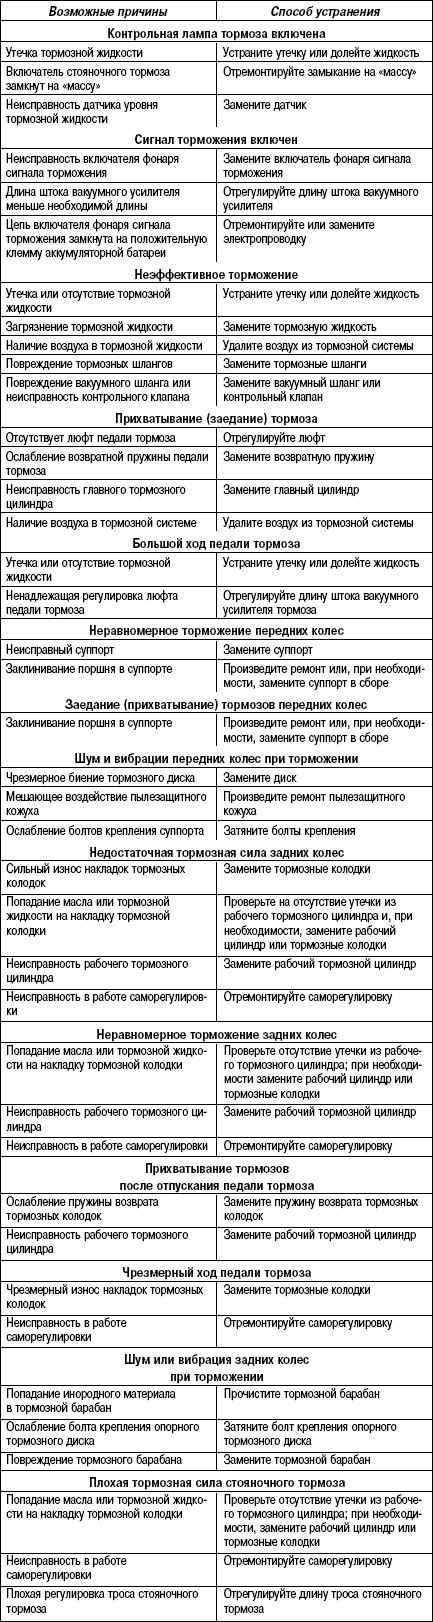 6.3.6 Таблица 6.5 Возможные неисправности тормозной системы, их причины и способы устранения